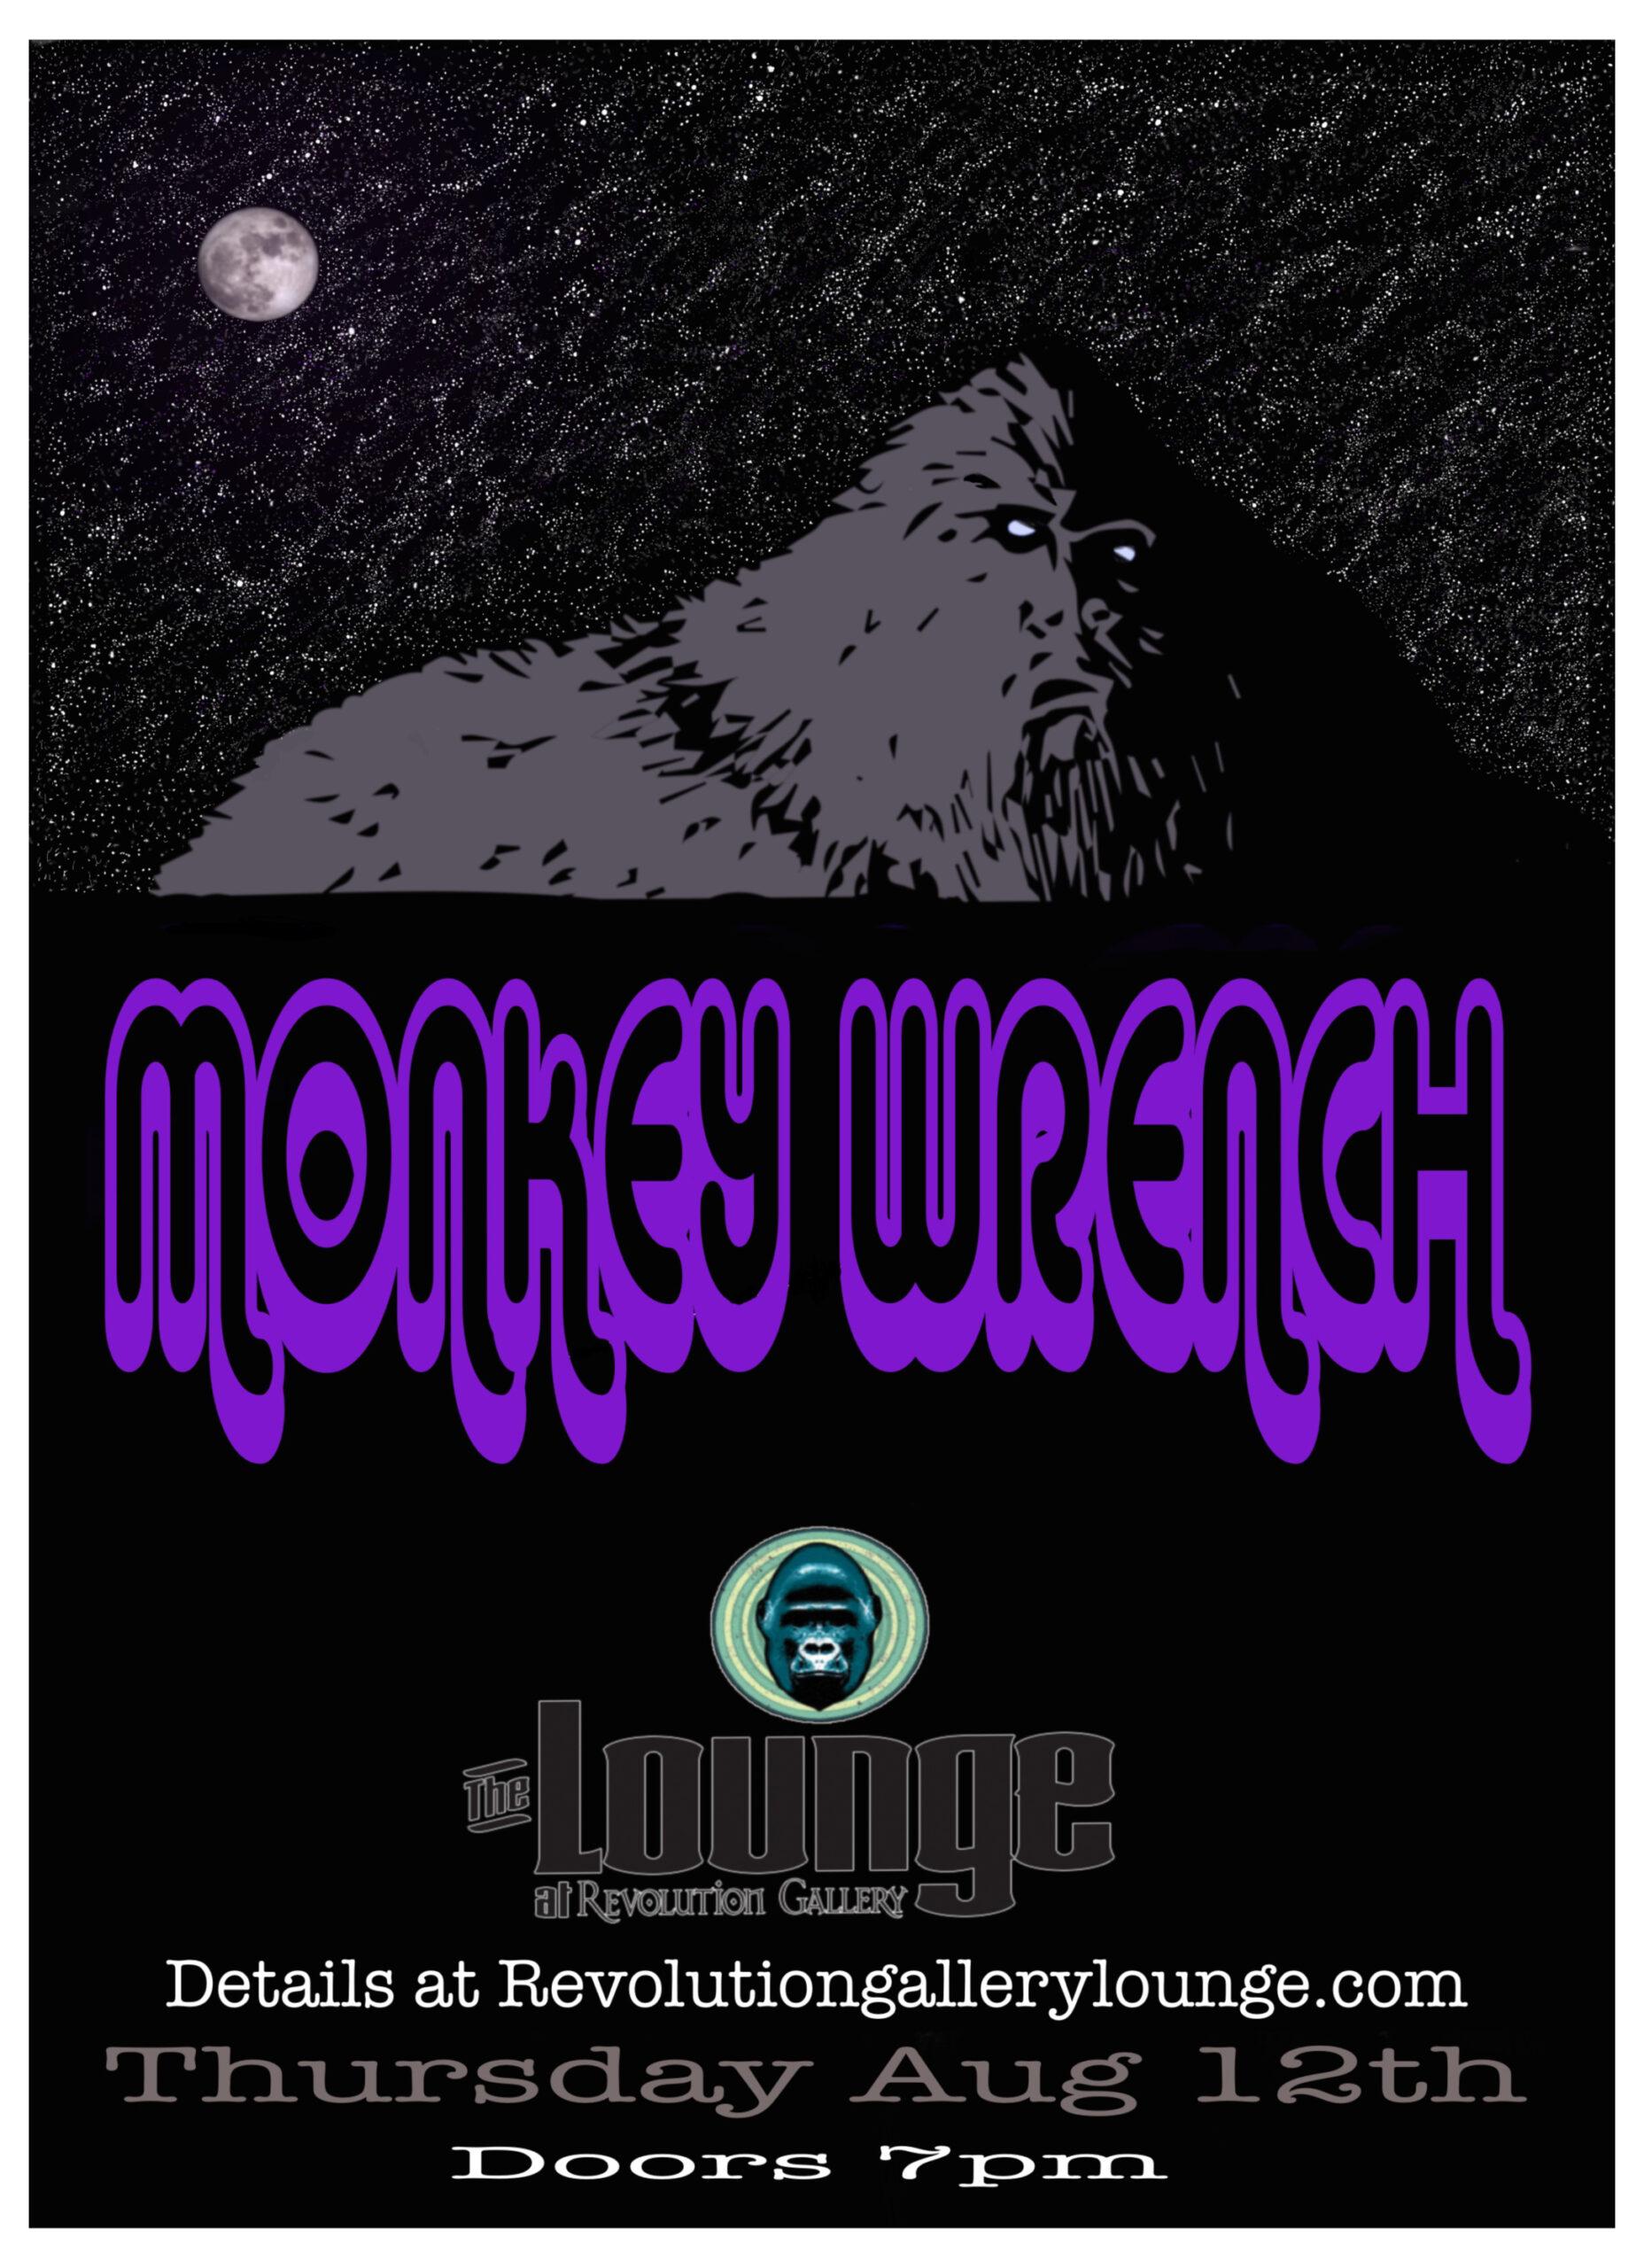 MONKEY_WRENCH